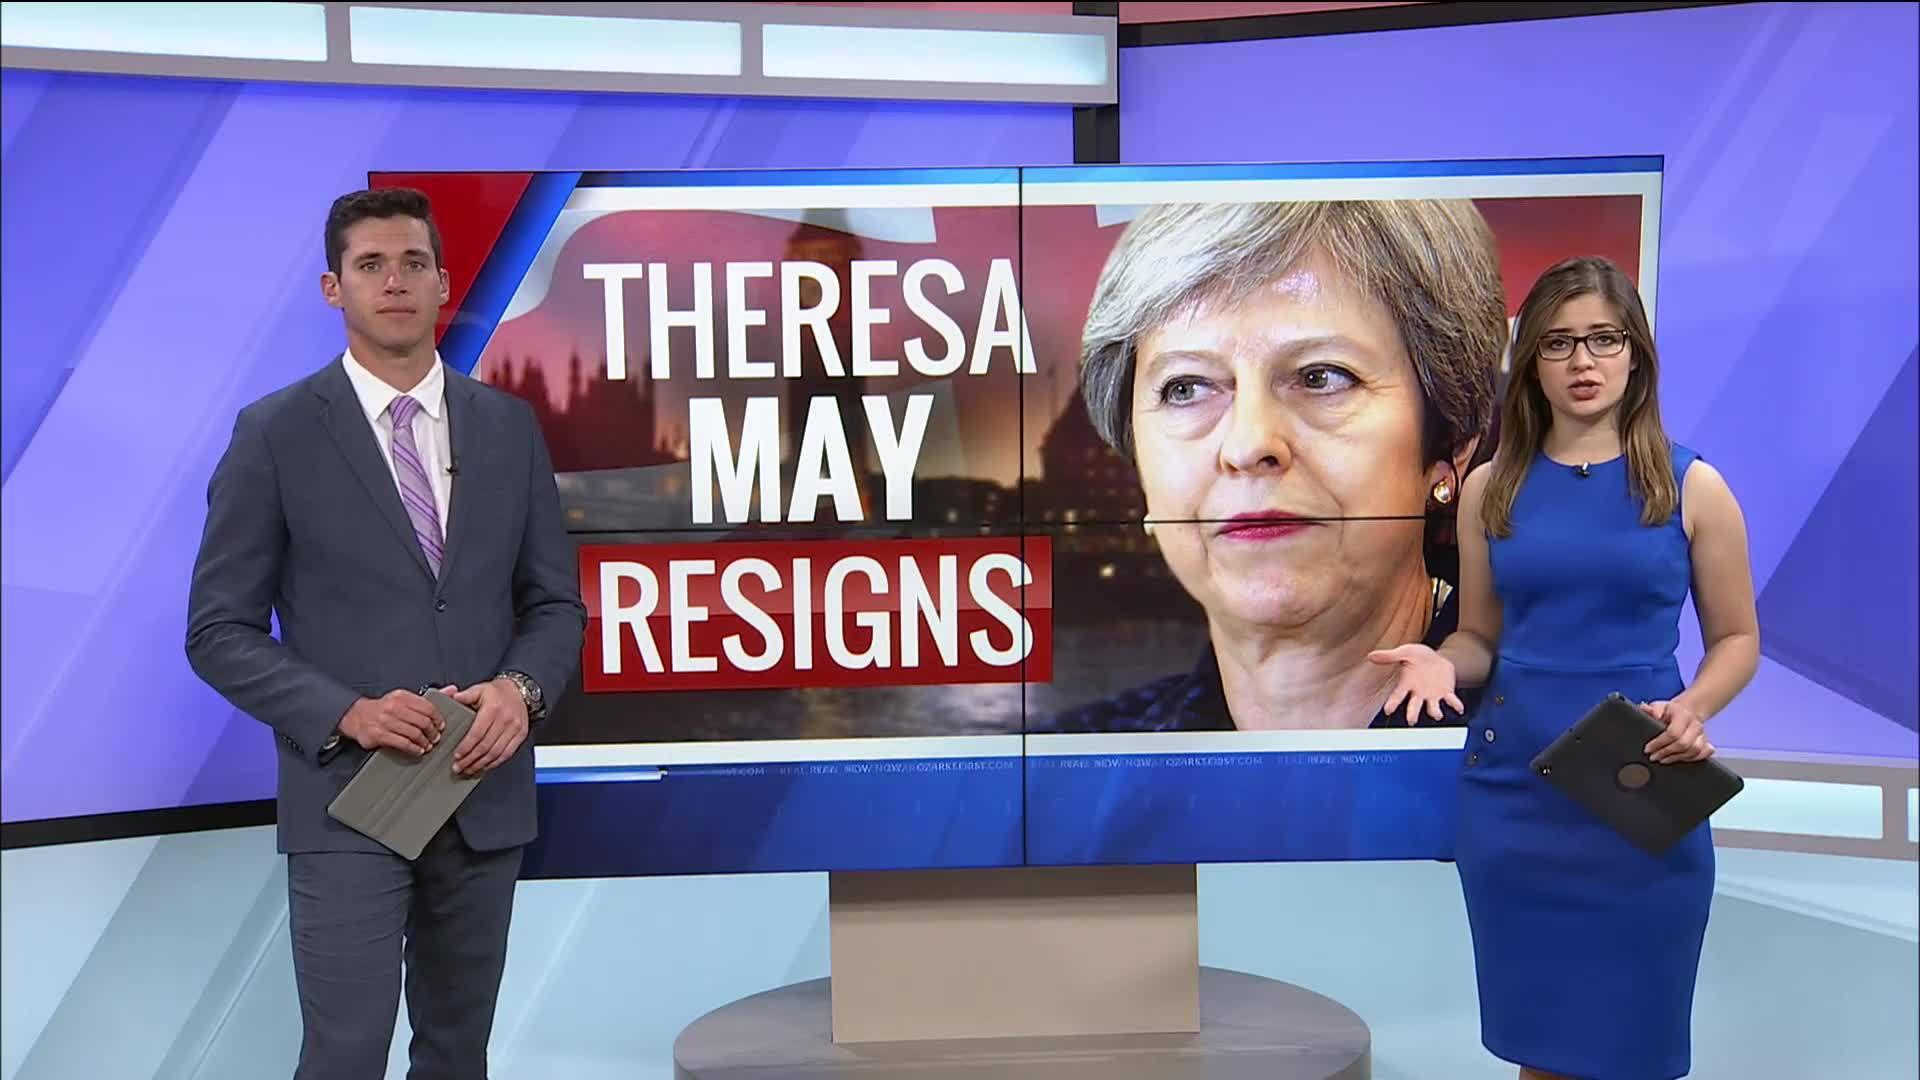 British_Prime_Minister_announces_resigna_3_20190524235736